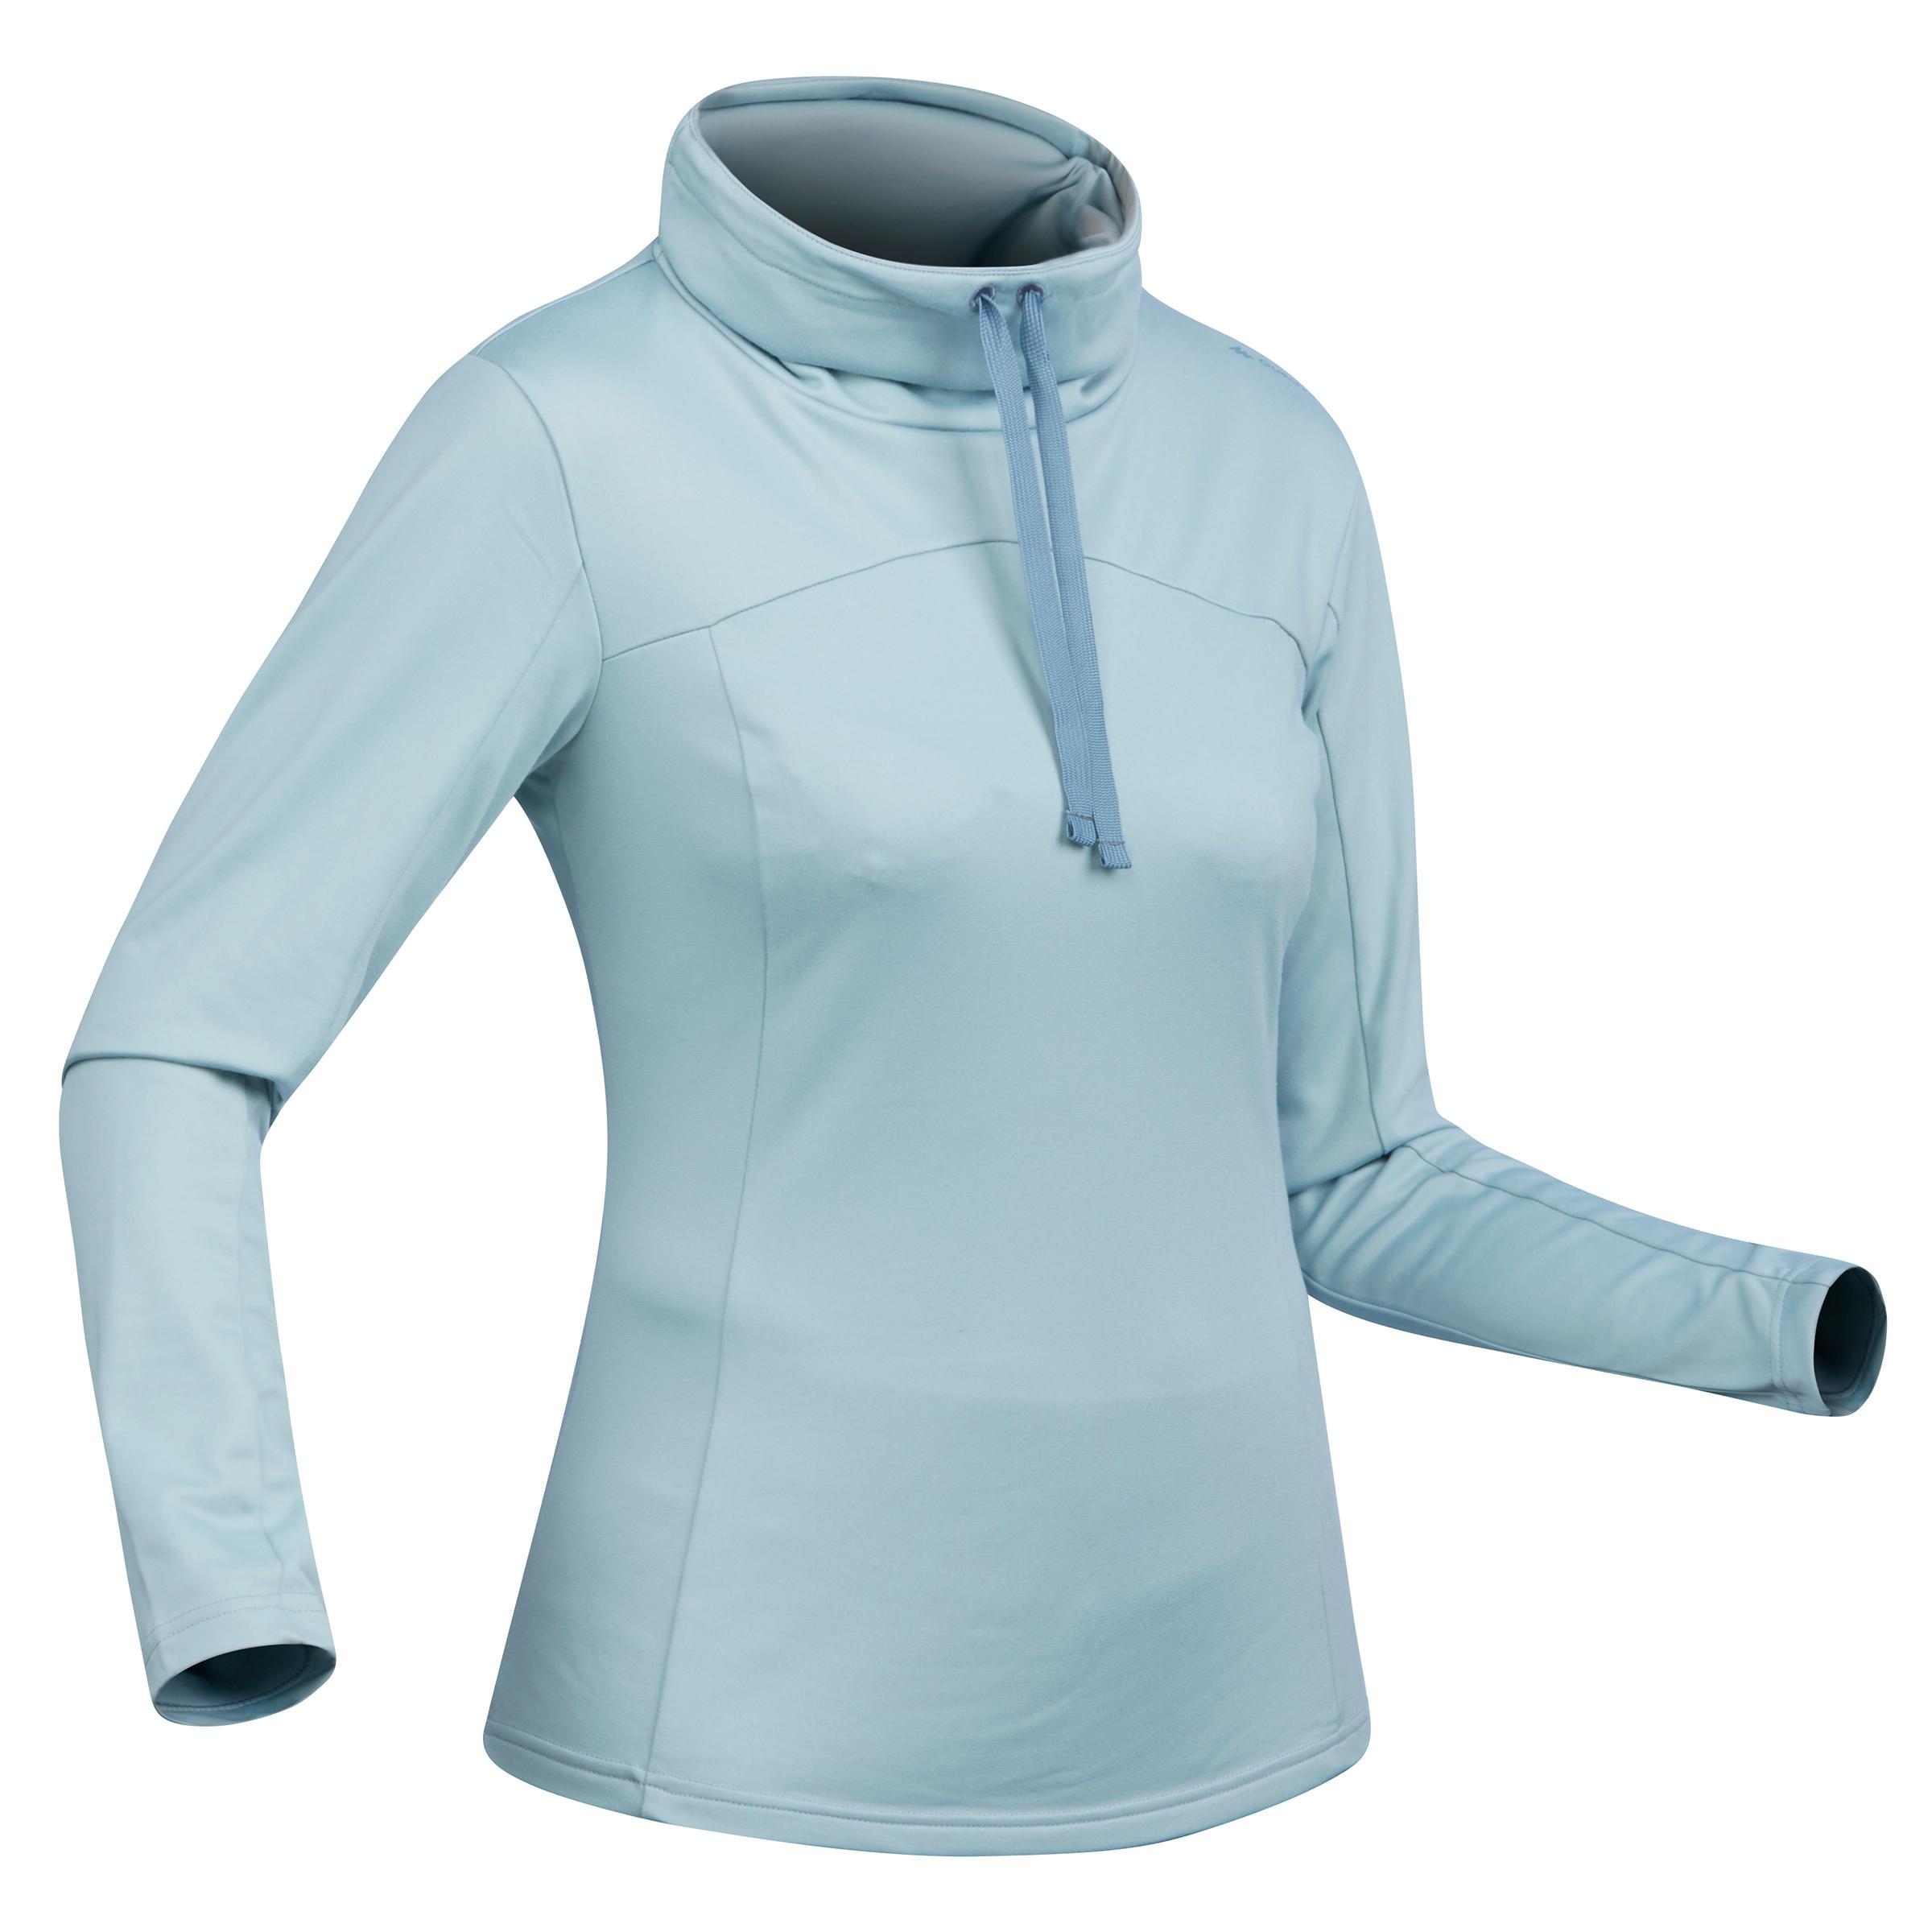 T-shirt de randonnée neige manches longues femme SH100 chaud bleu-ice